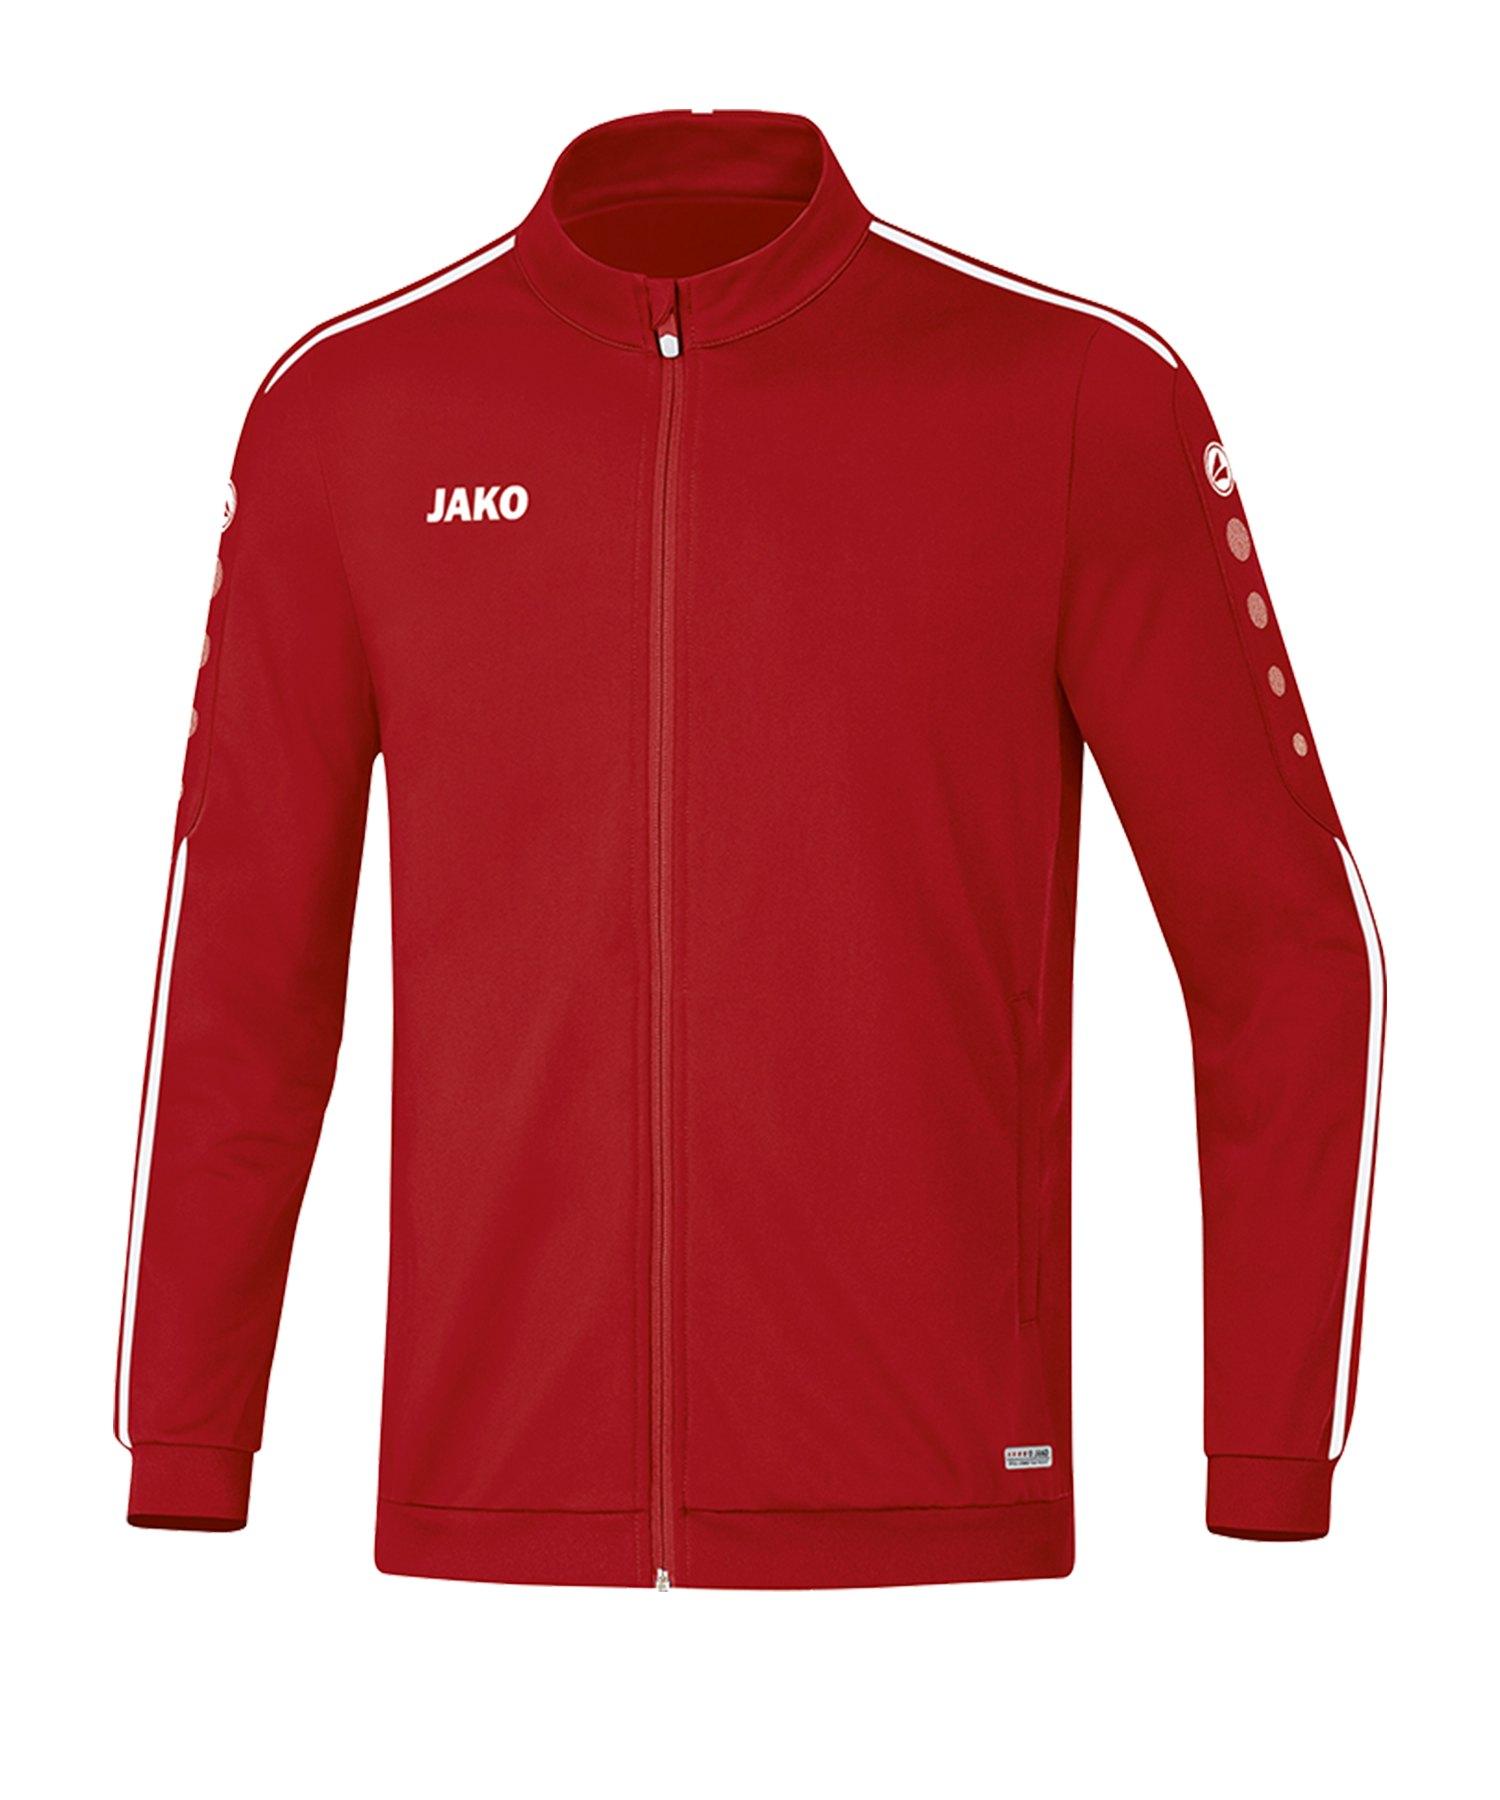 Jako Striker 2.0 Polyesterjacke Rot Weiss F11 - Rot